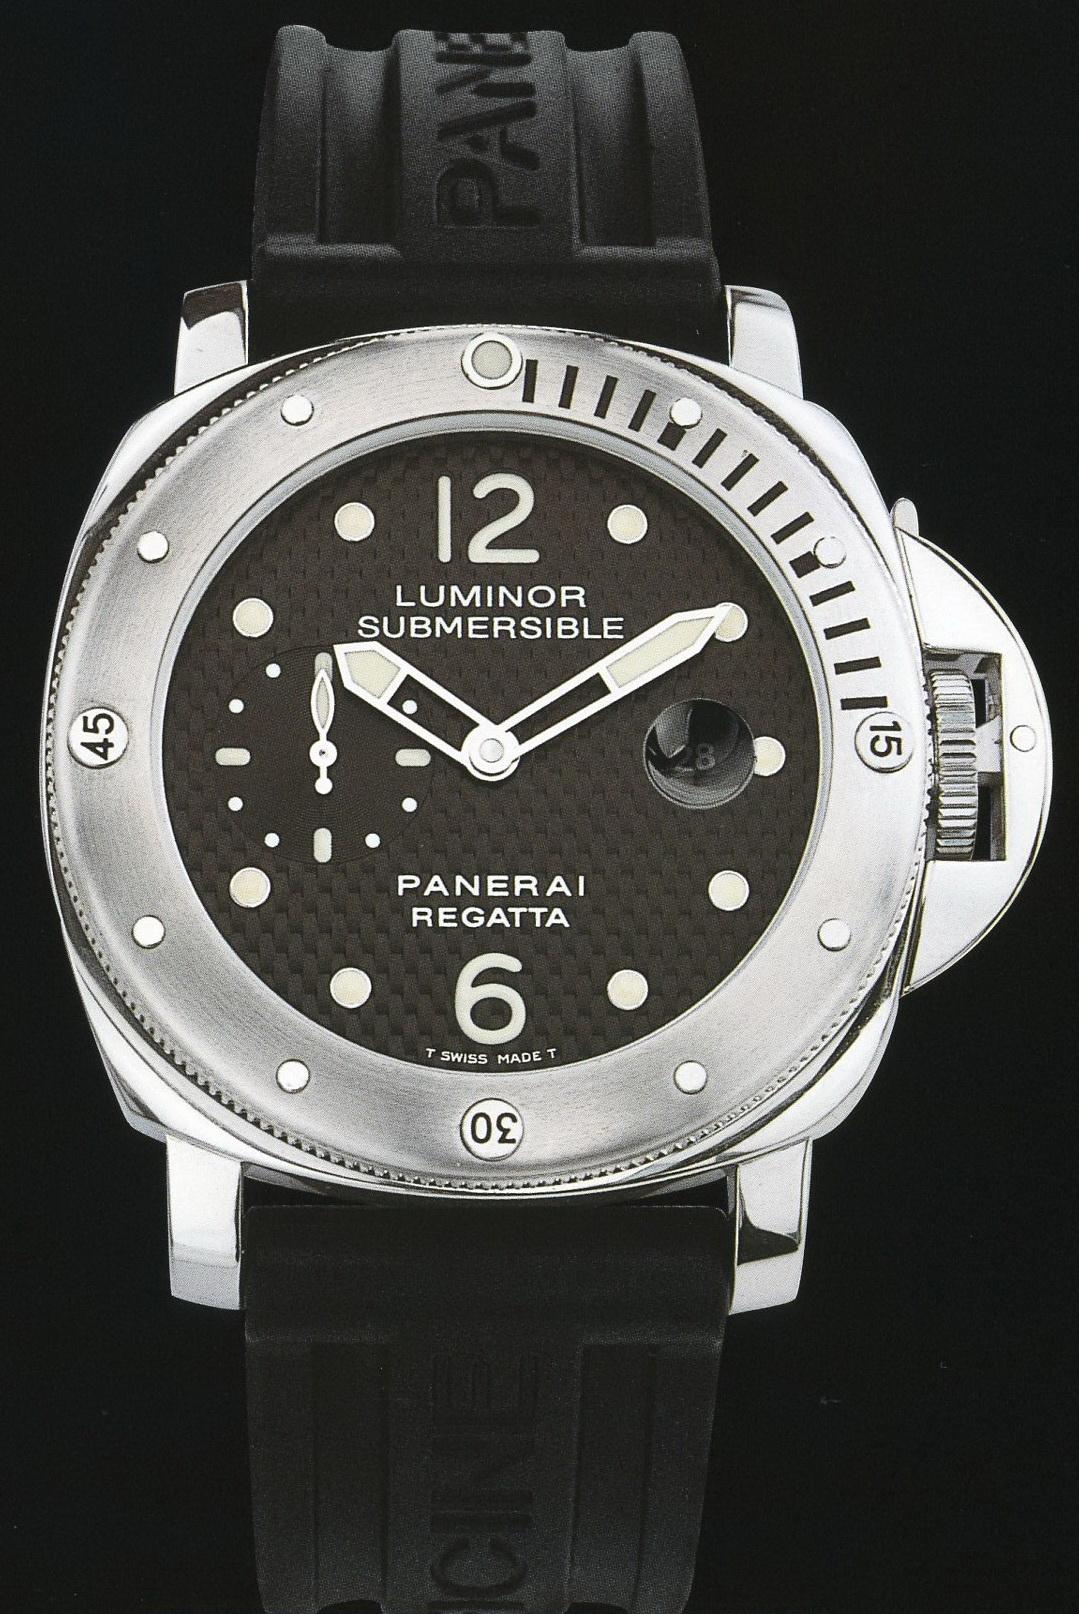 часы Panerai 2004 Special Edition Luminor Submersible Regatta 2004